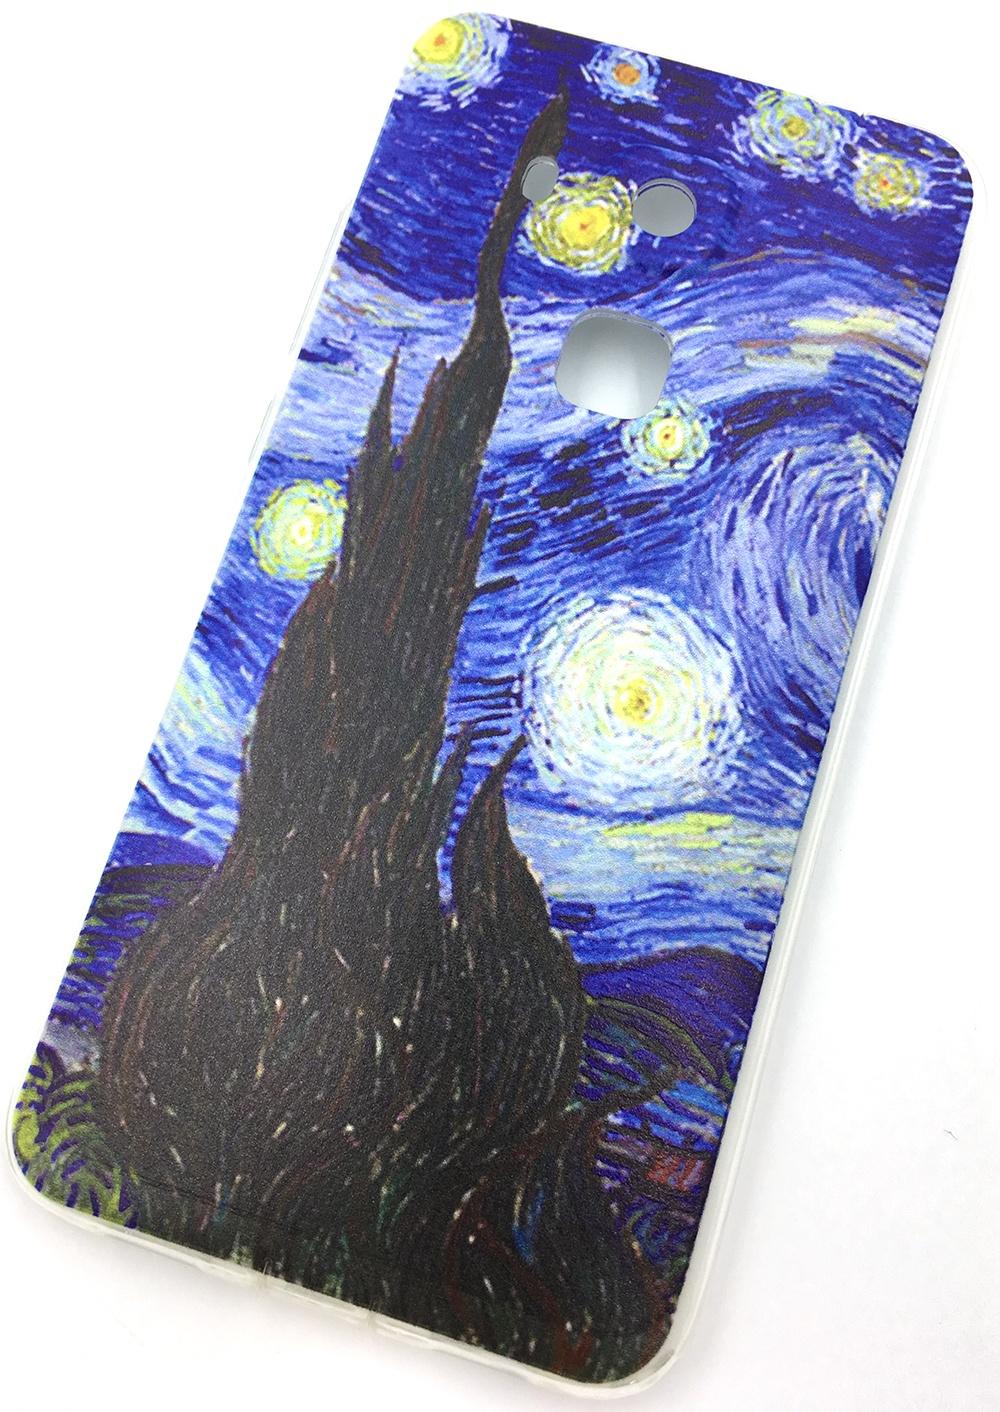 Чехол для сотового телефона Мобильная мода Huawei Nova Plus (Huawei G9 Plus) Накладка силиконовая с рисунком, 7135 цена и фото